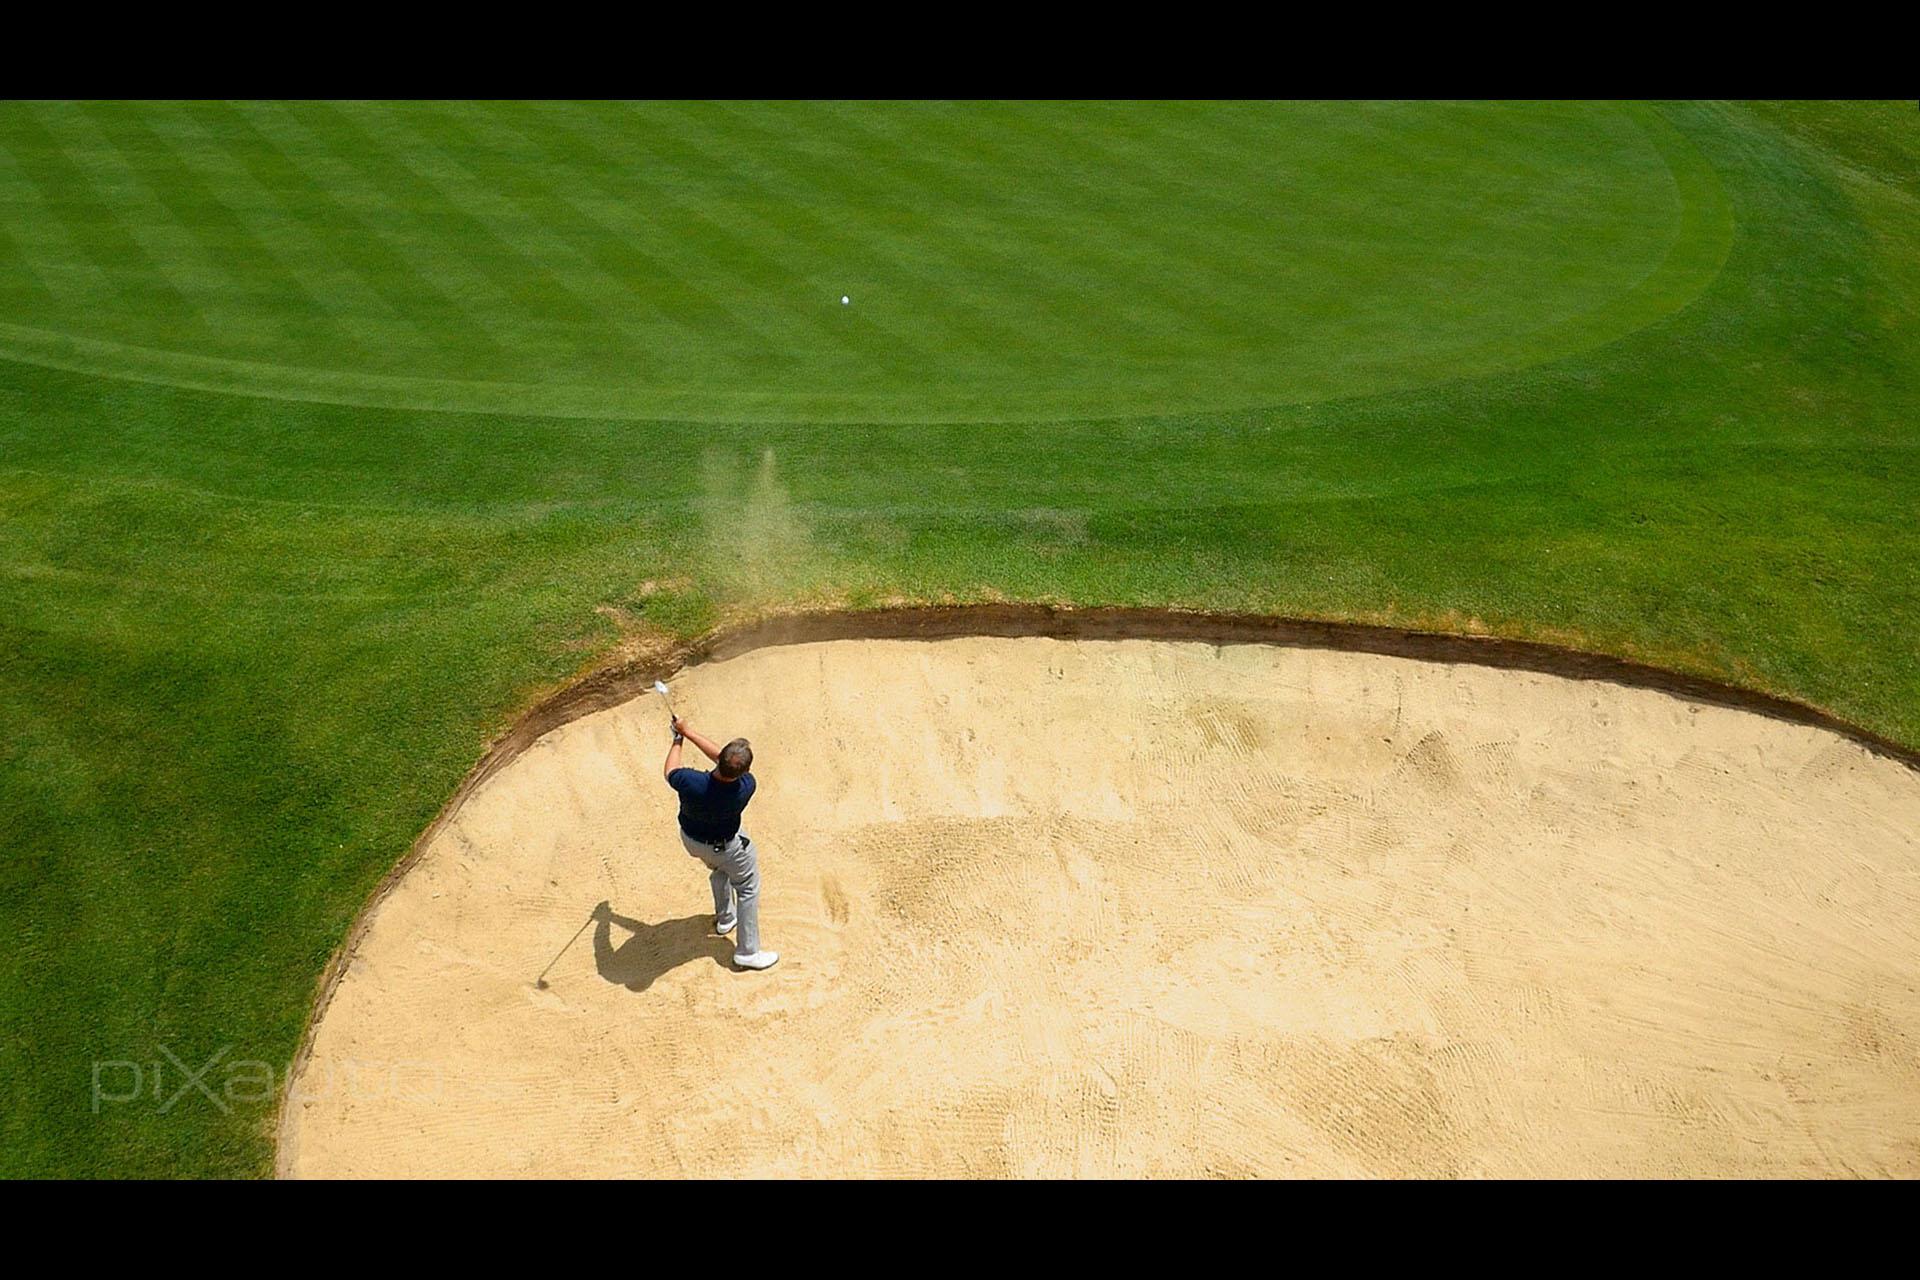 Niels Golf Club golfer aerial